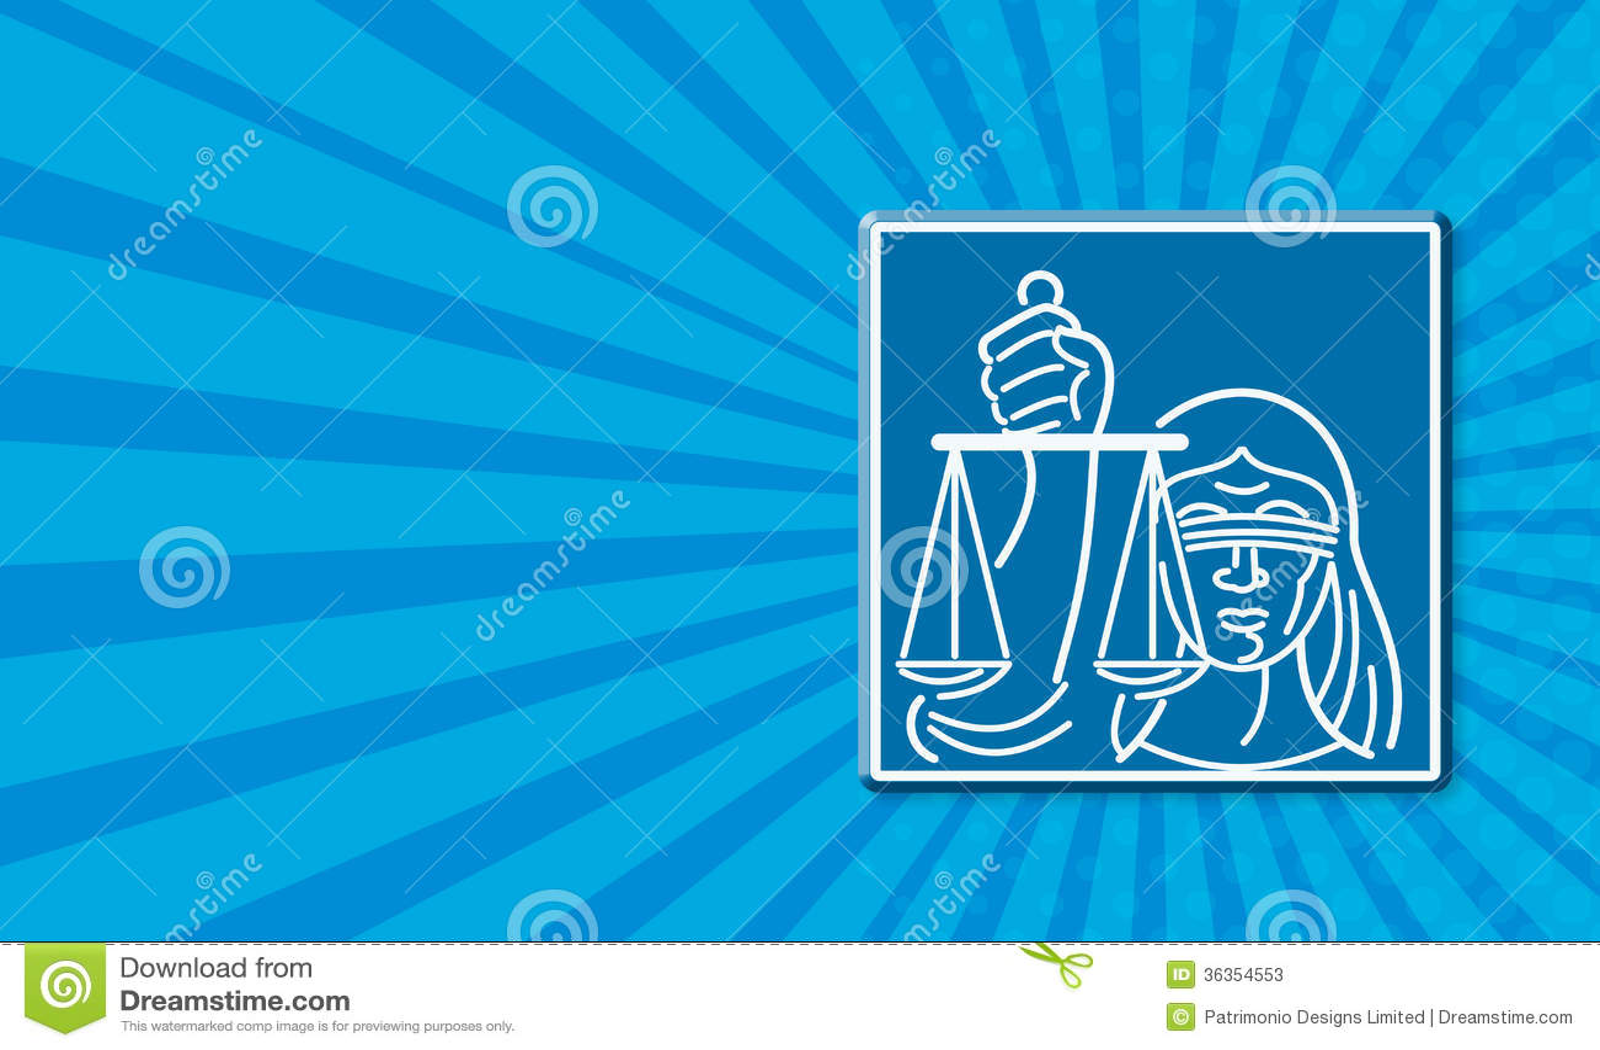 Senhora Blindfolded Holding Scales de justiça